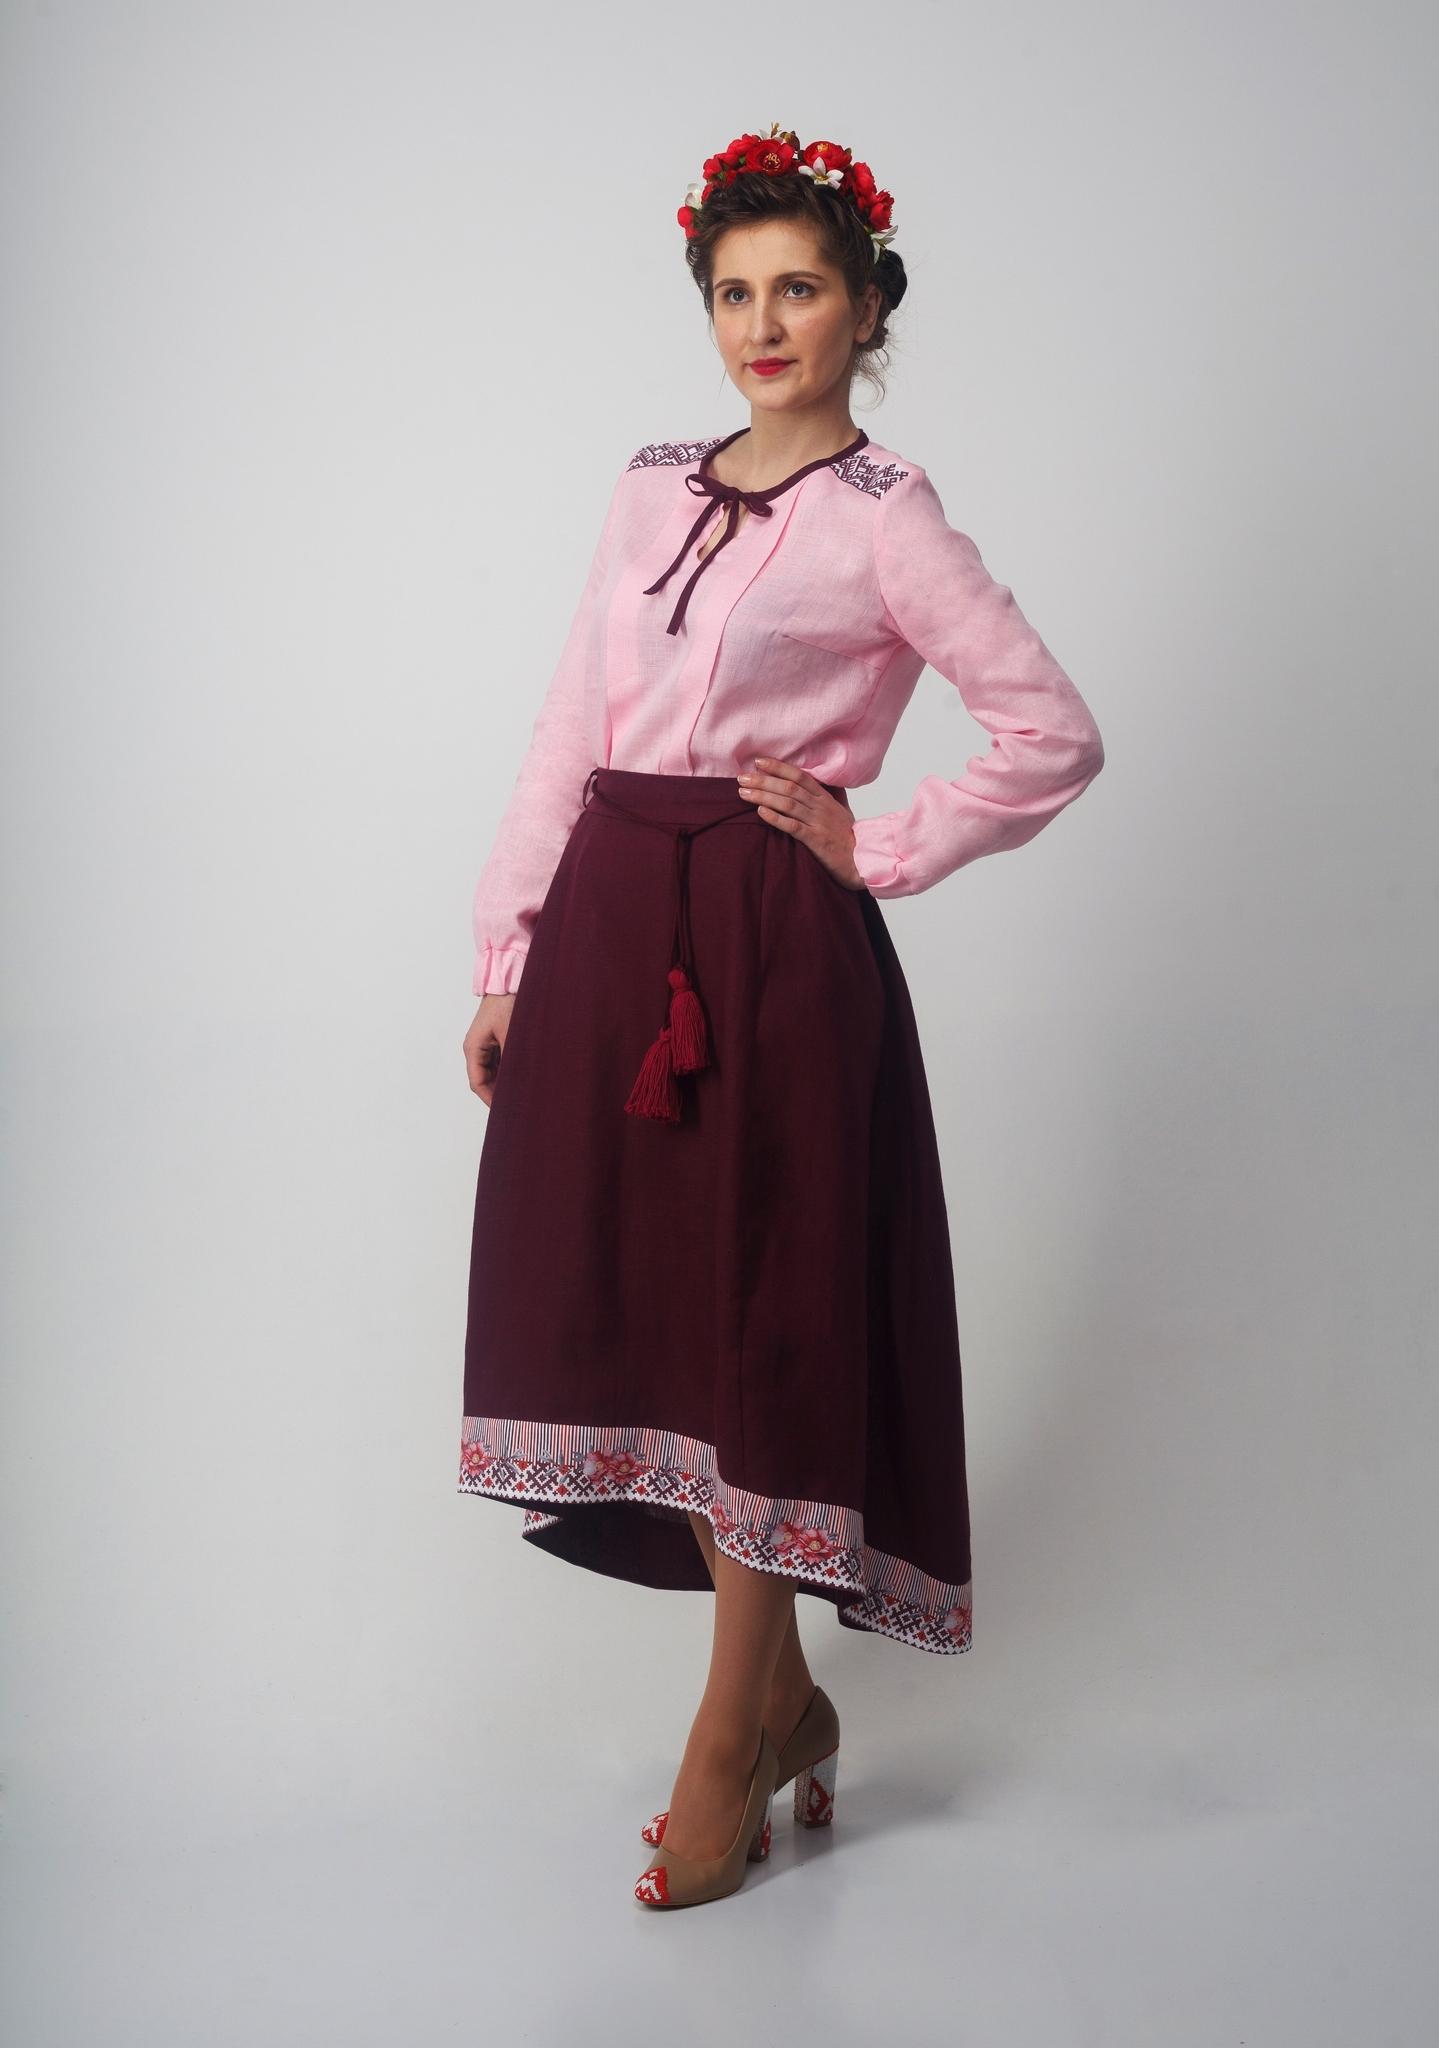 Блуза Самоцветы сапфир с юбкой